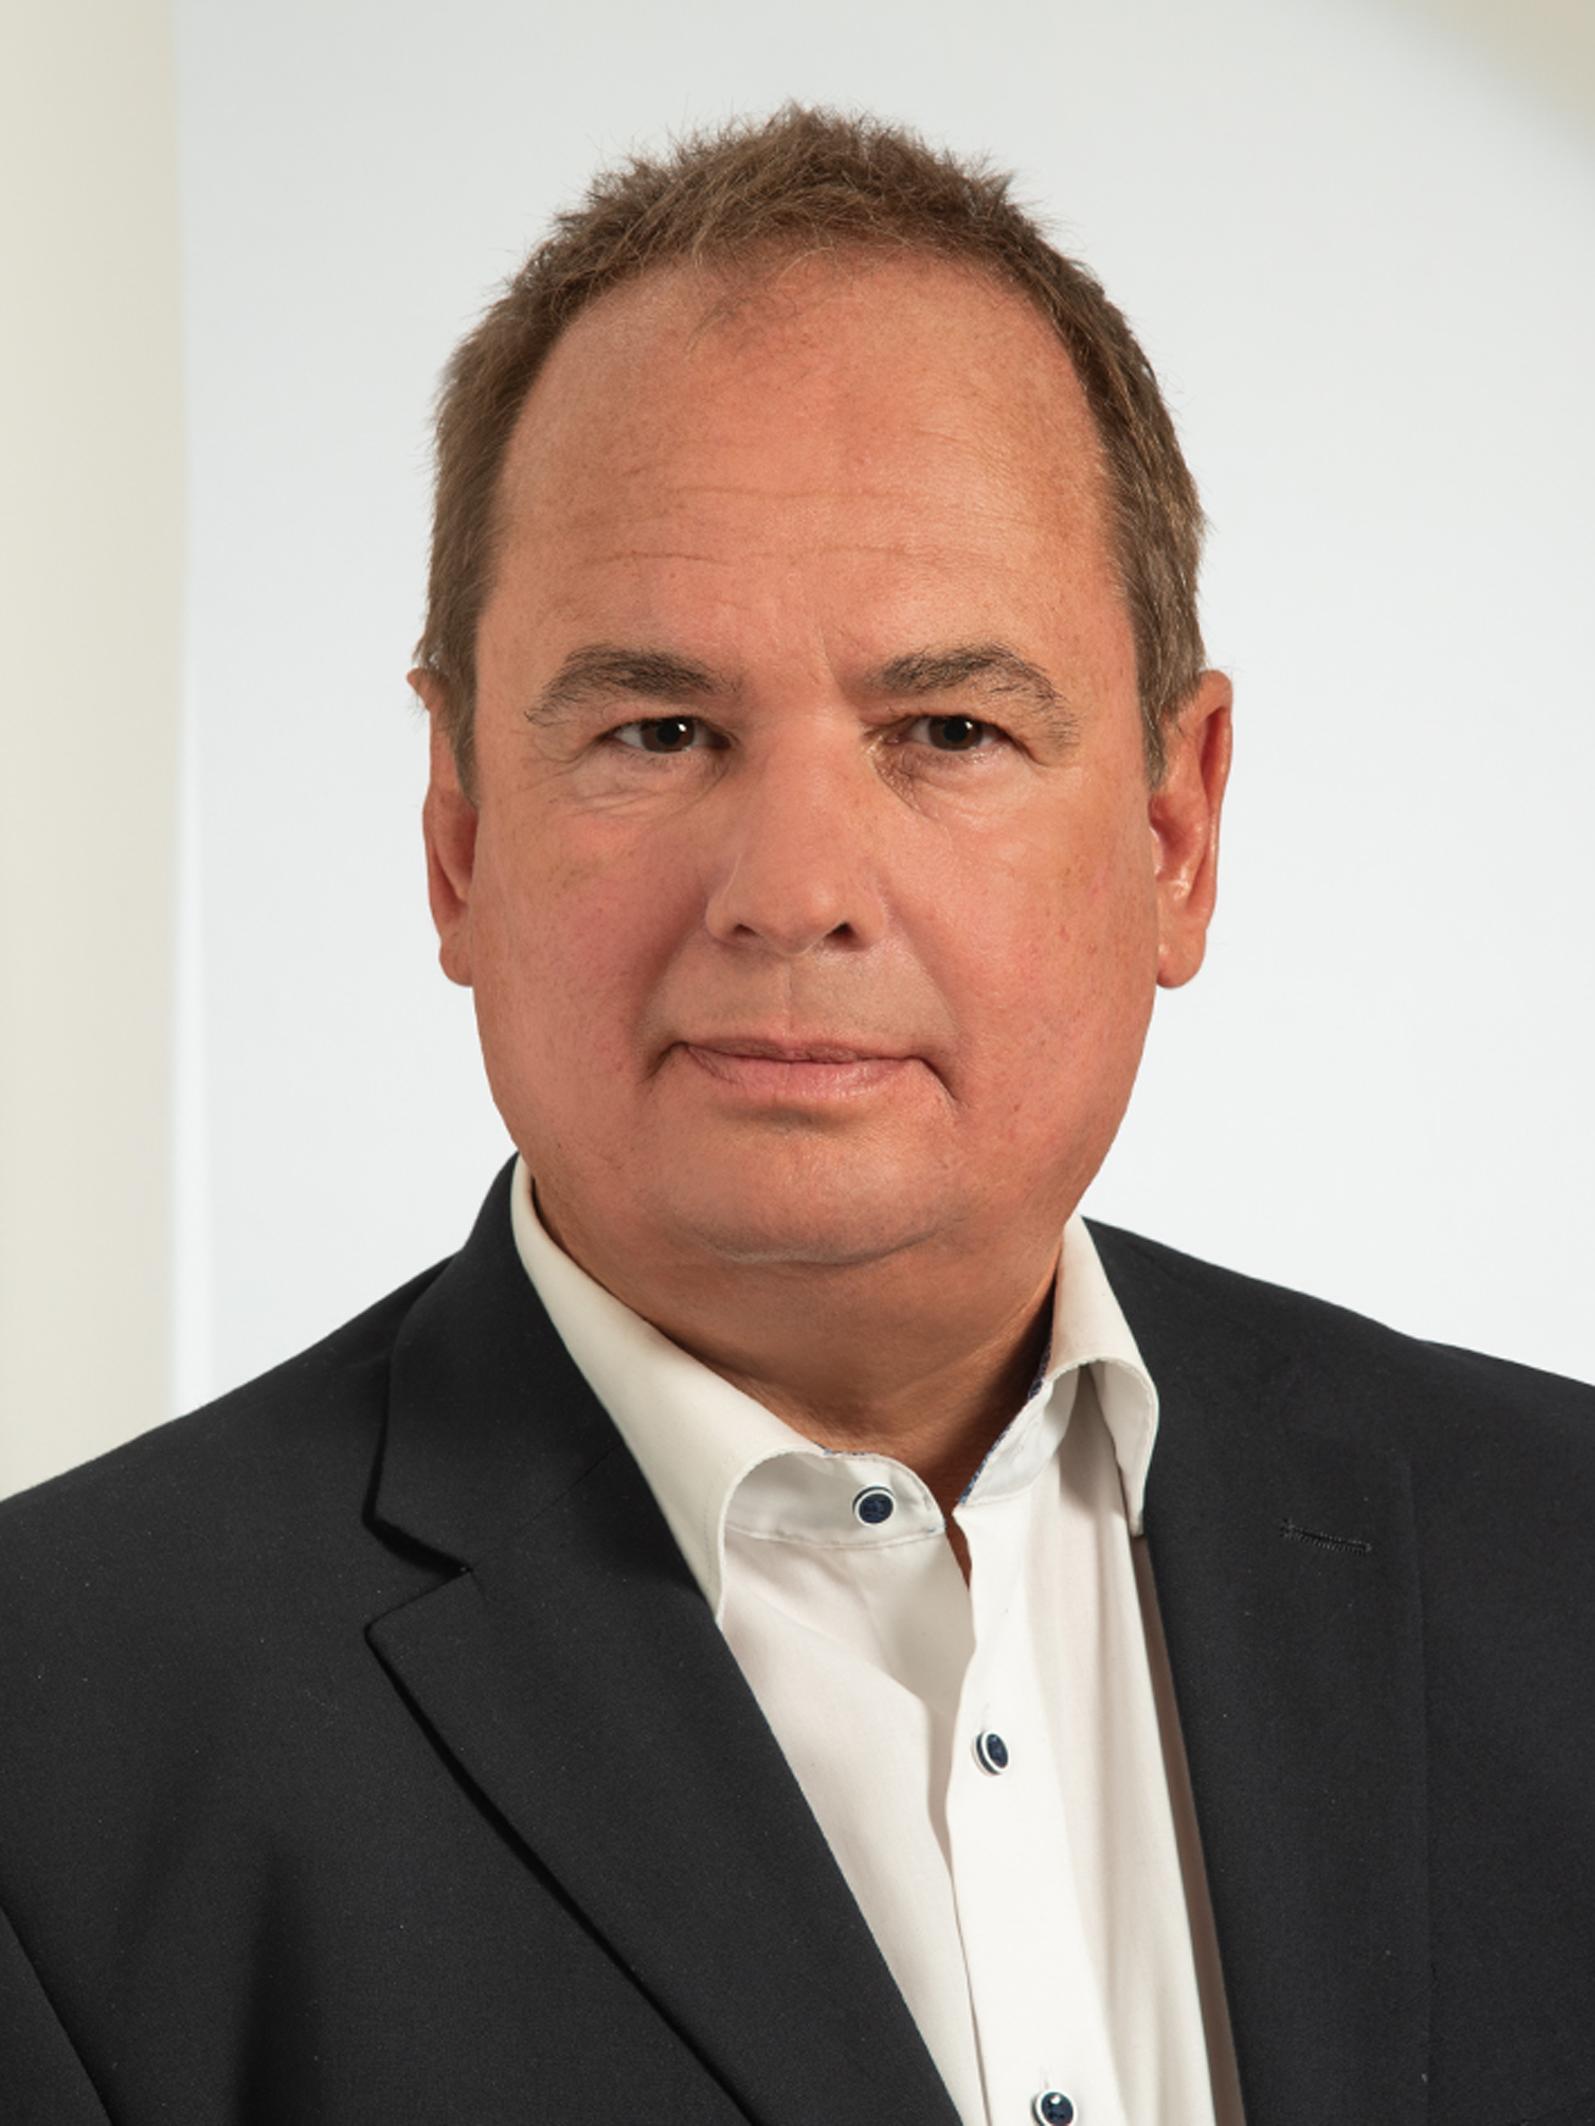 Mit Michael Rolle kommt ein Top-Branchenkenner von Leifheit zu Fakir.